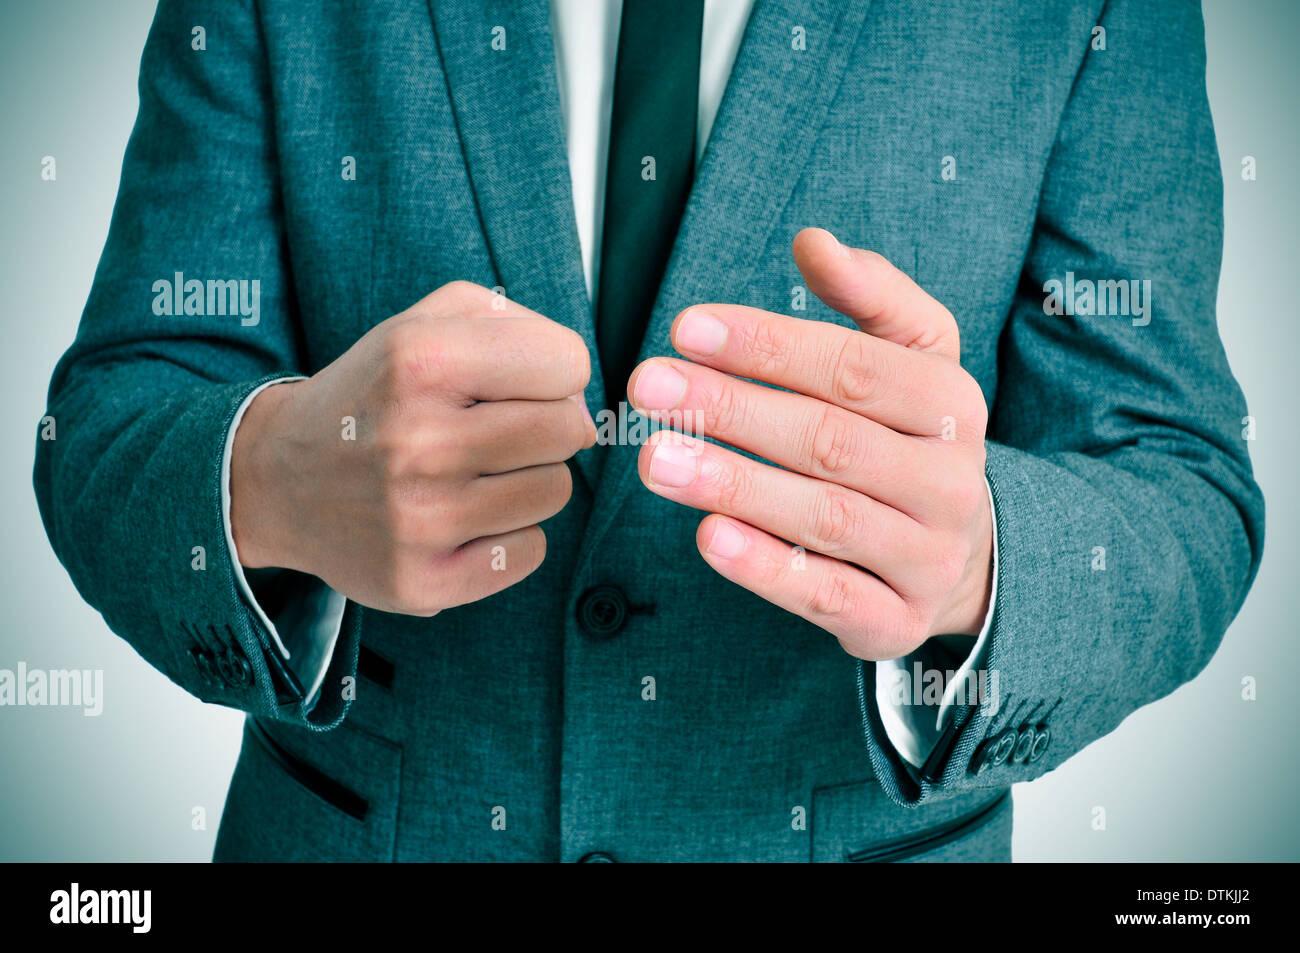 Mann trägt einen Anzug Mann in Anzug mit einer drohenden Geste Stockbild